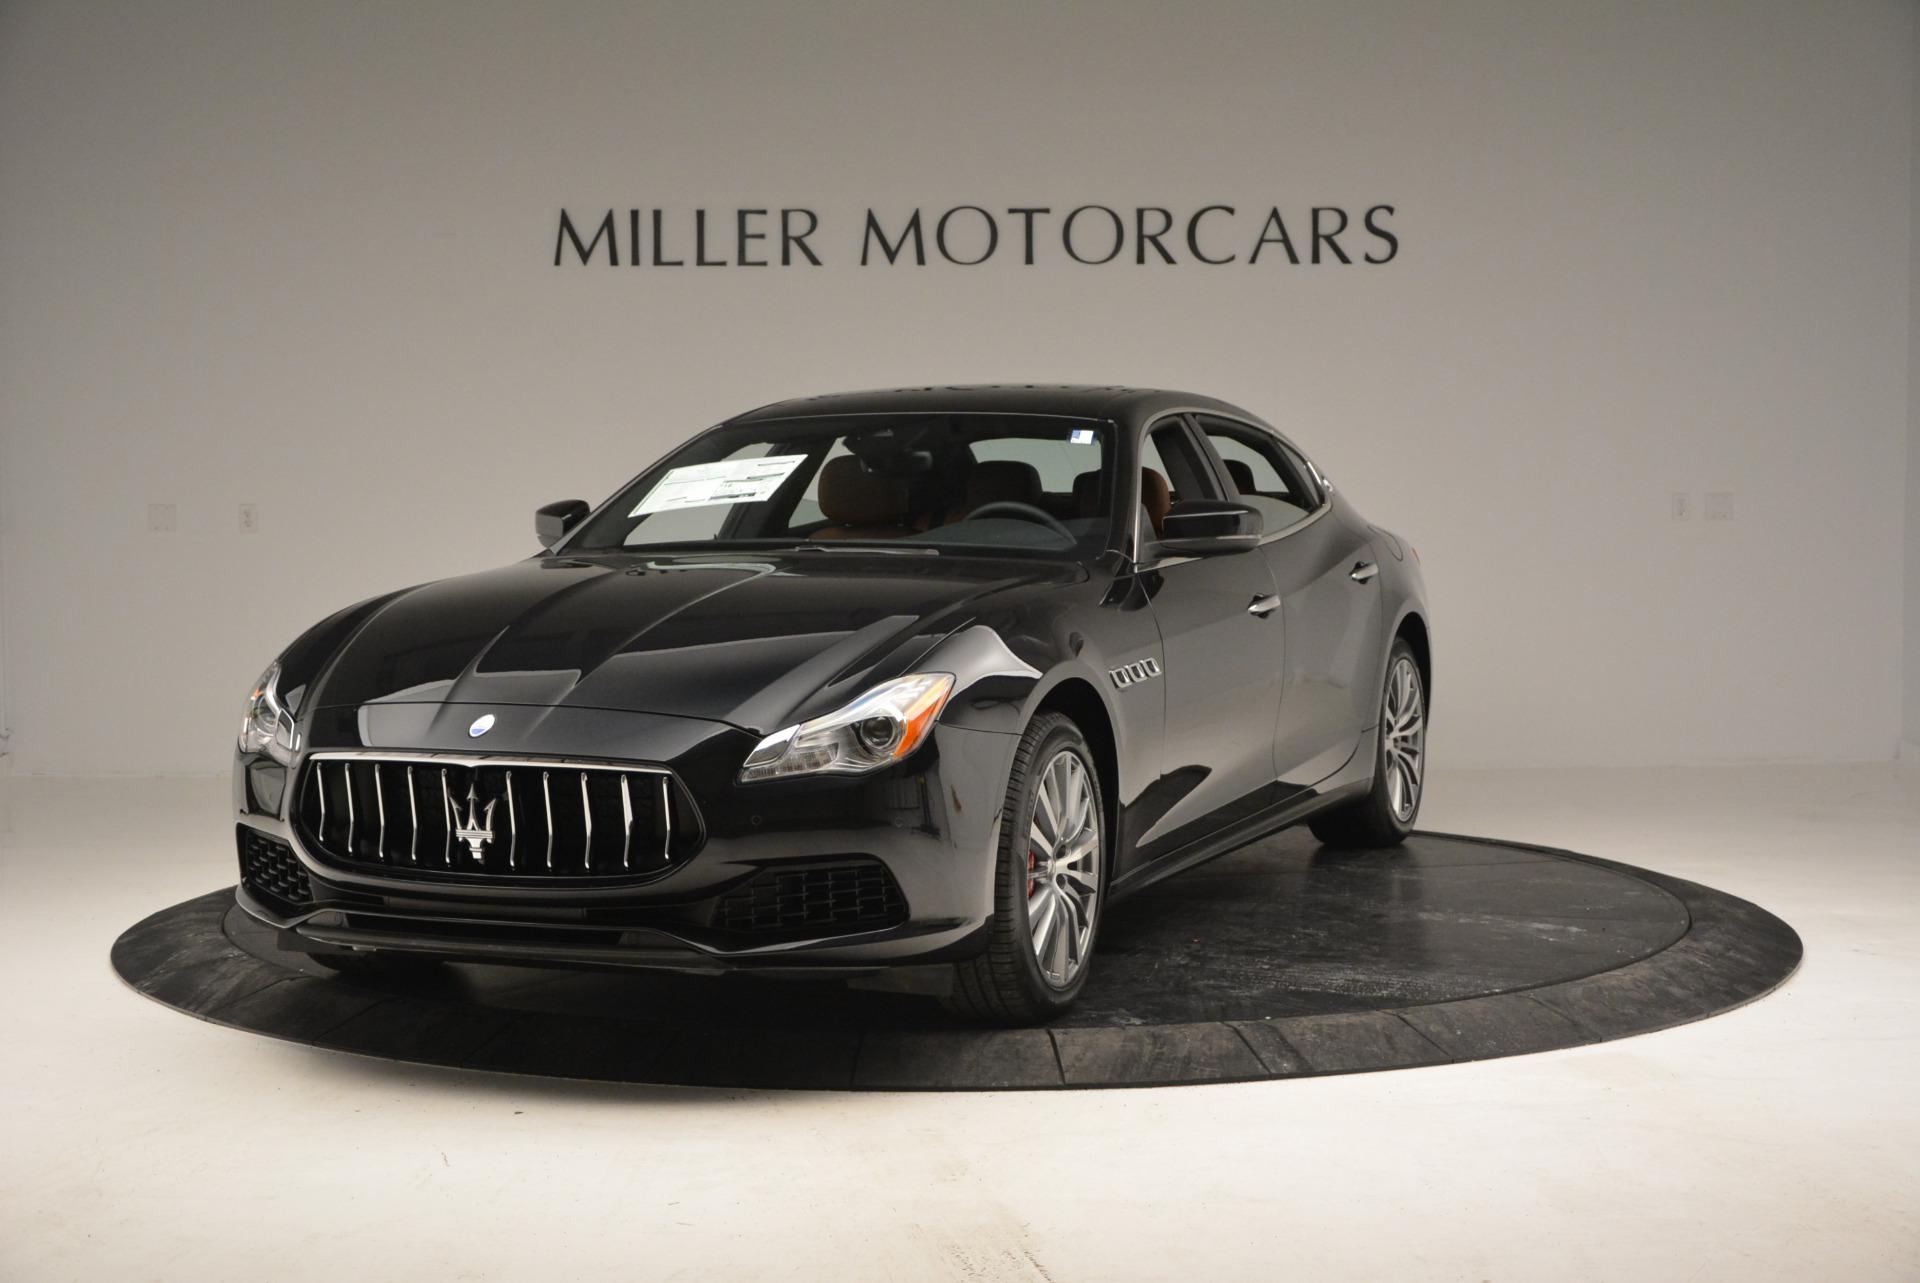 New 2017 Maserati Quattroporte S Q4 For Sale In Greenwich, CT 690_main